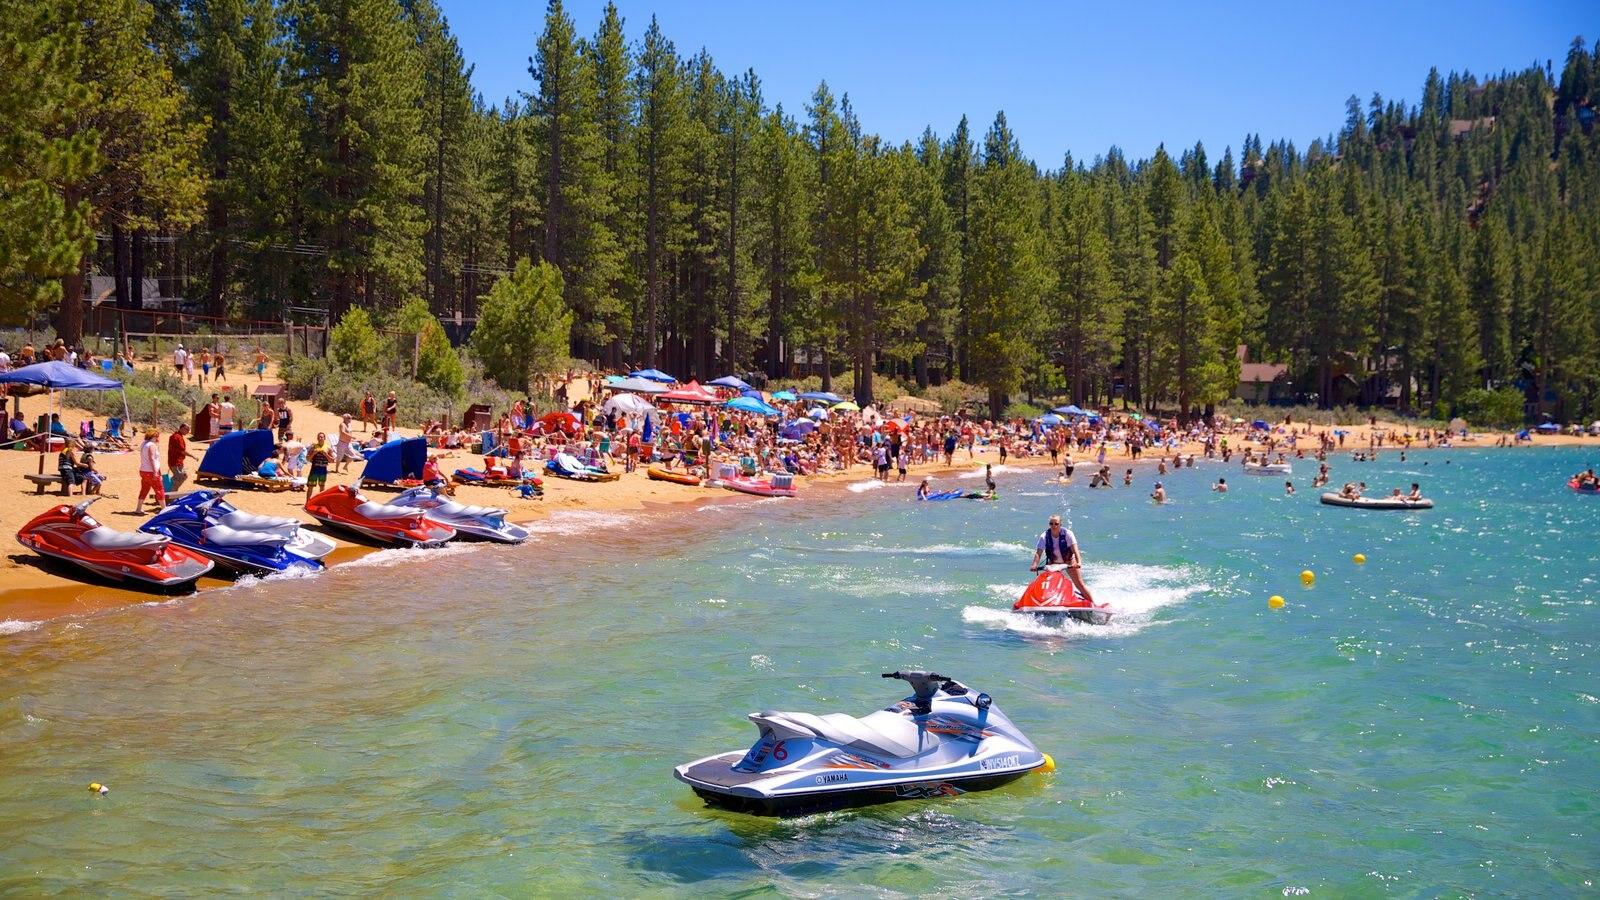 Zephyr Cove Beach que inclui florestas, uma praia de areia e moto aquática